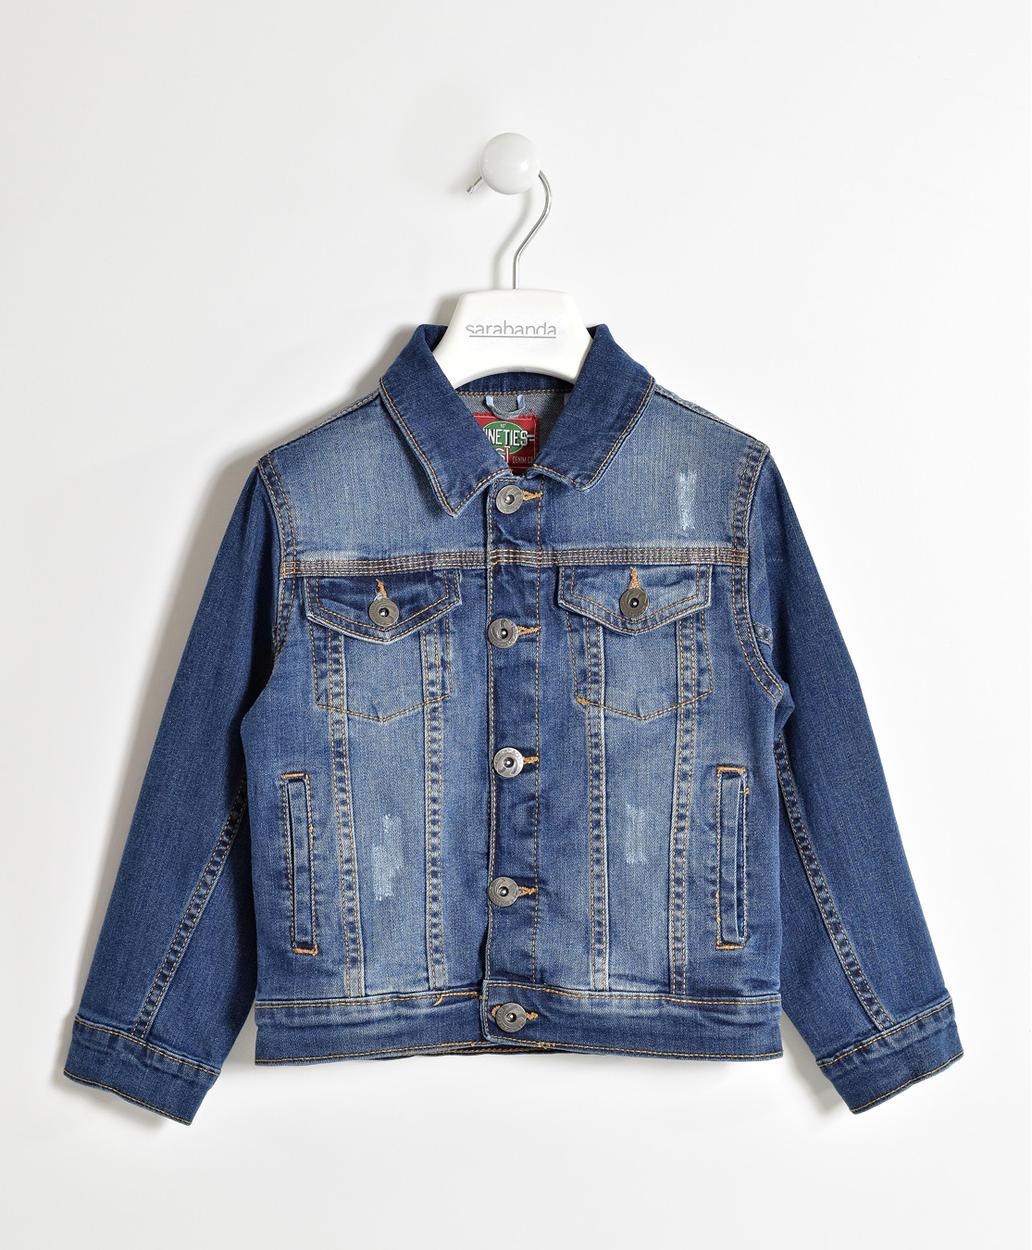 low priced e4bbf f2336 Giubbotto di jeans per bambino da 6 a 16 anni Sarabanda